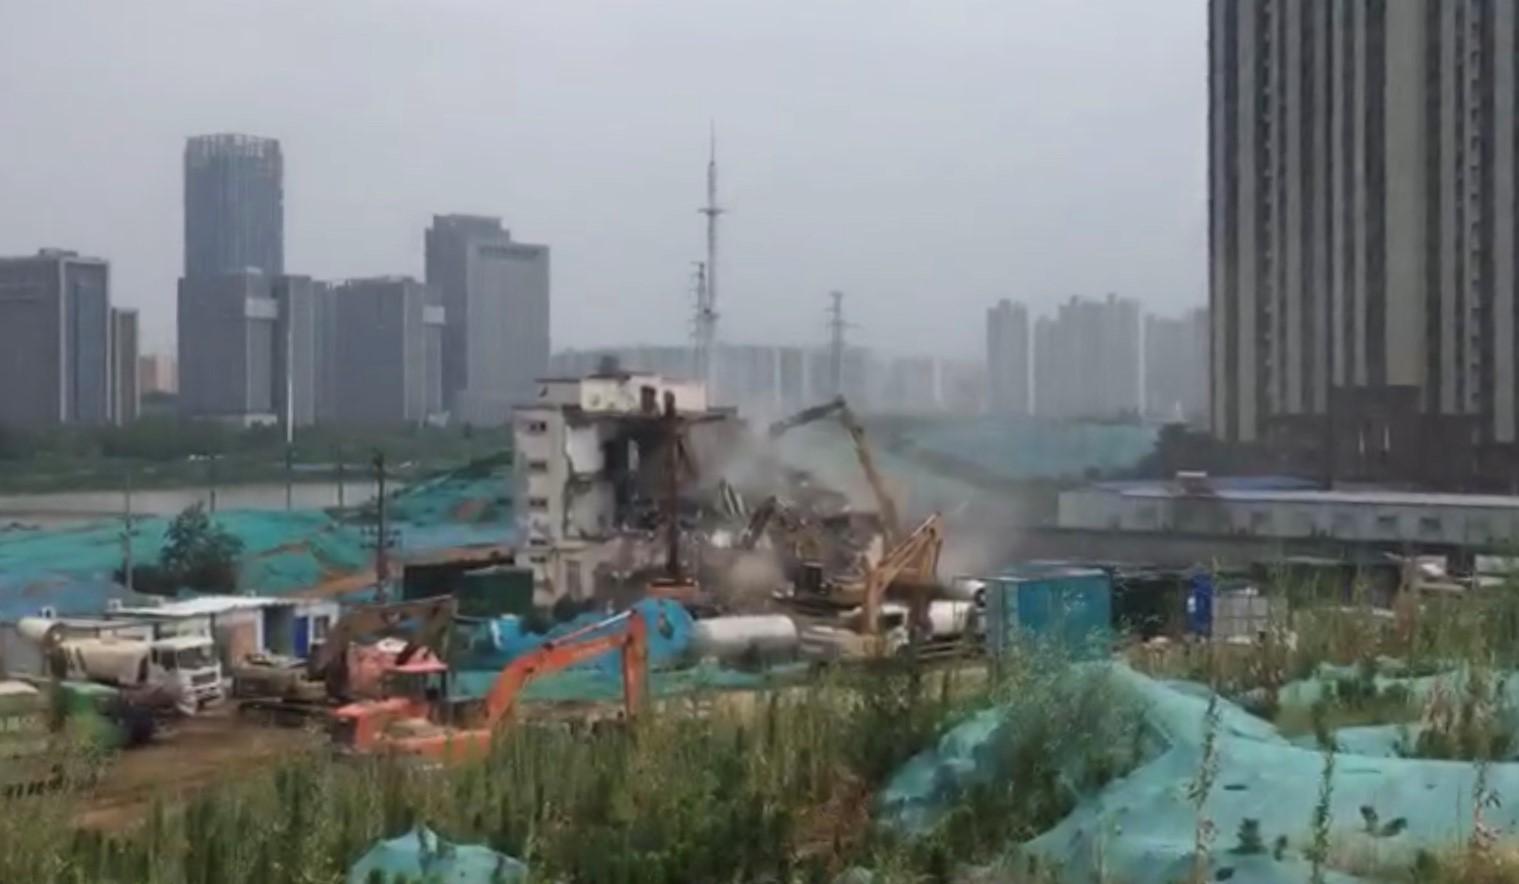 郑州孙庄基督教教会被强拆。(志愿者提供/记者乔龙)